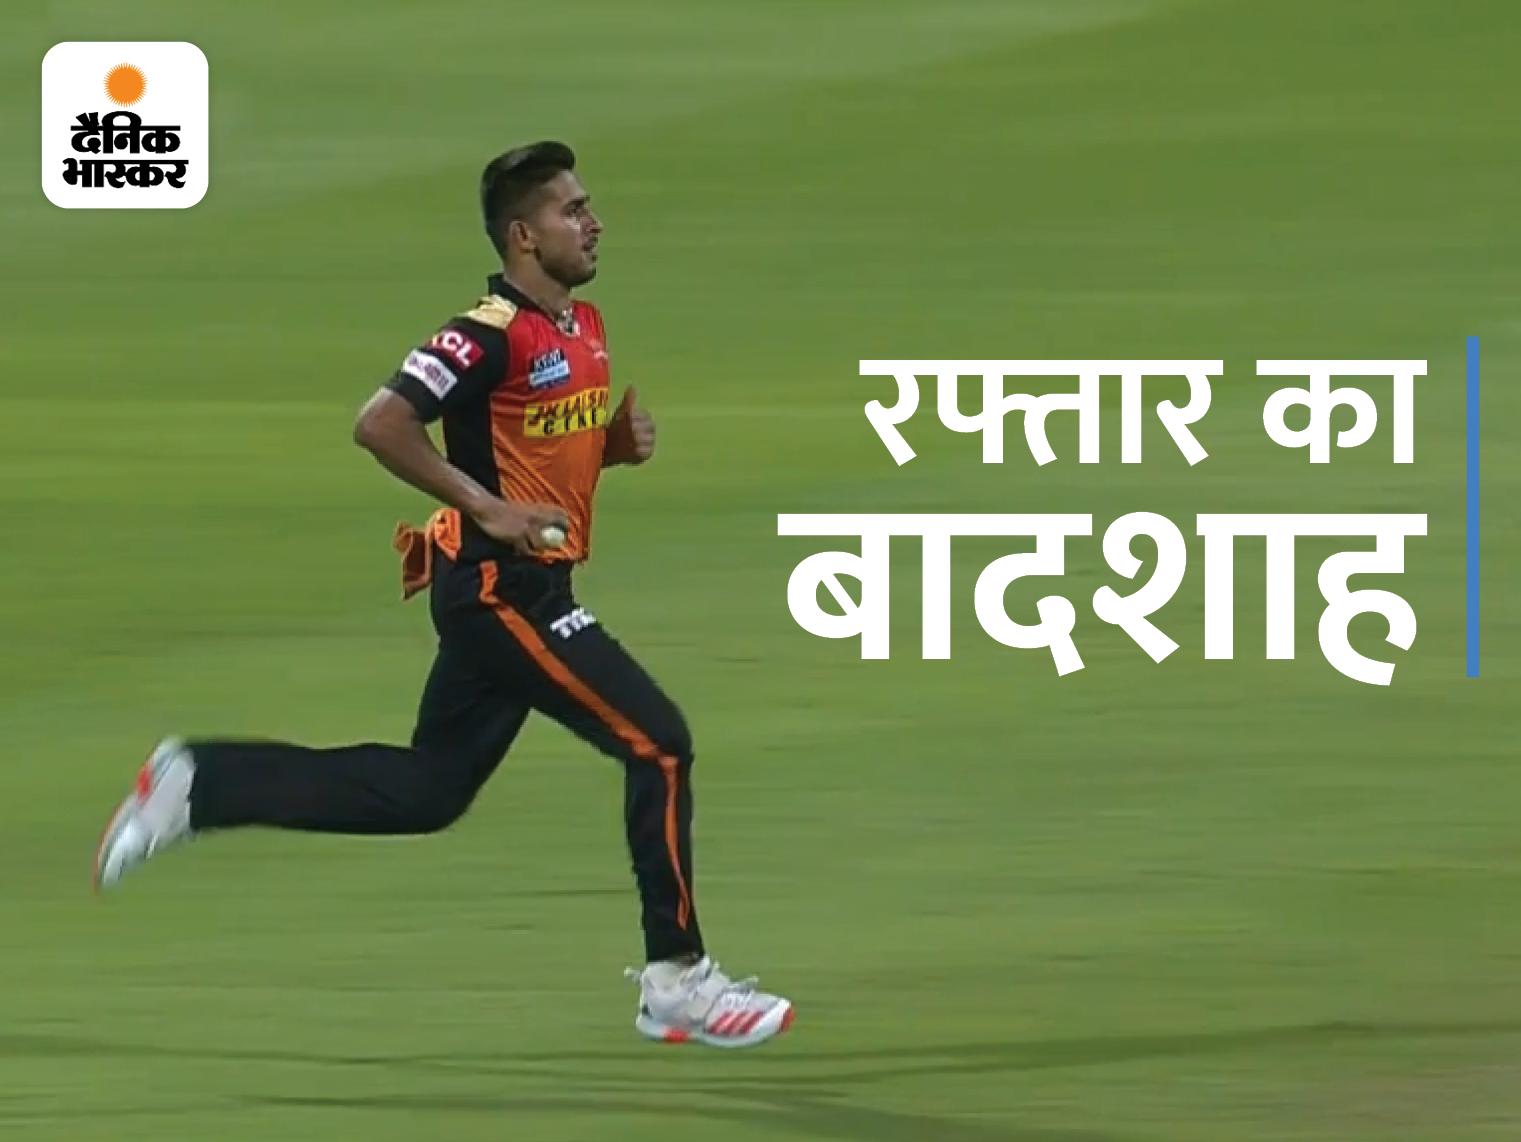 जम्मू के उमरान मलिक ने 152.95 किलोमीटर प्रति घंटा से गेंद फेंकी; कोहली हुए मुरीद, वकार यूनुस से हो रही है तुलना|IPL 2021,IPL 2021 - Dainik Bhaskar